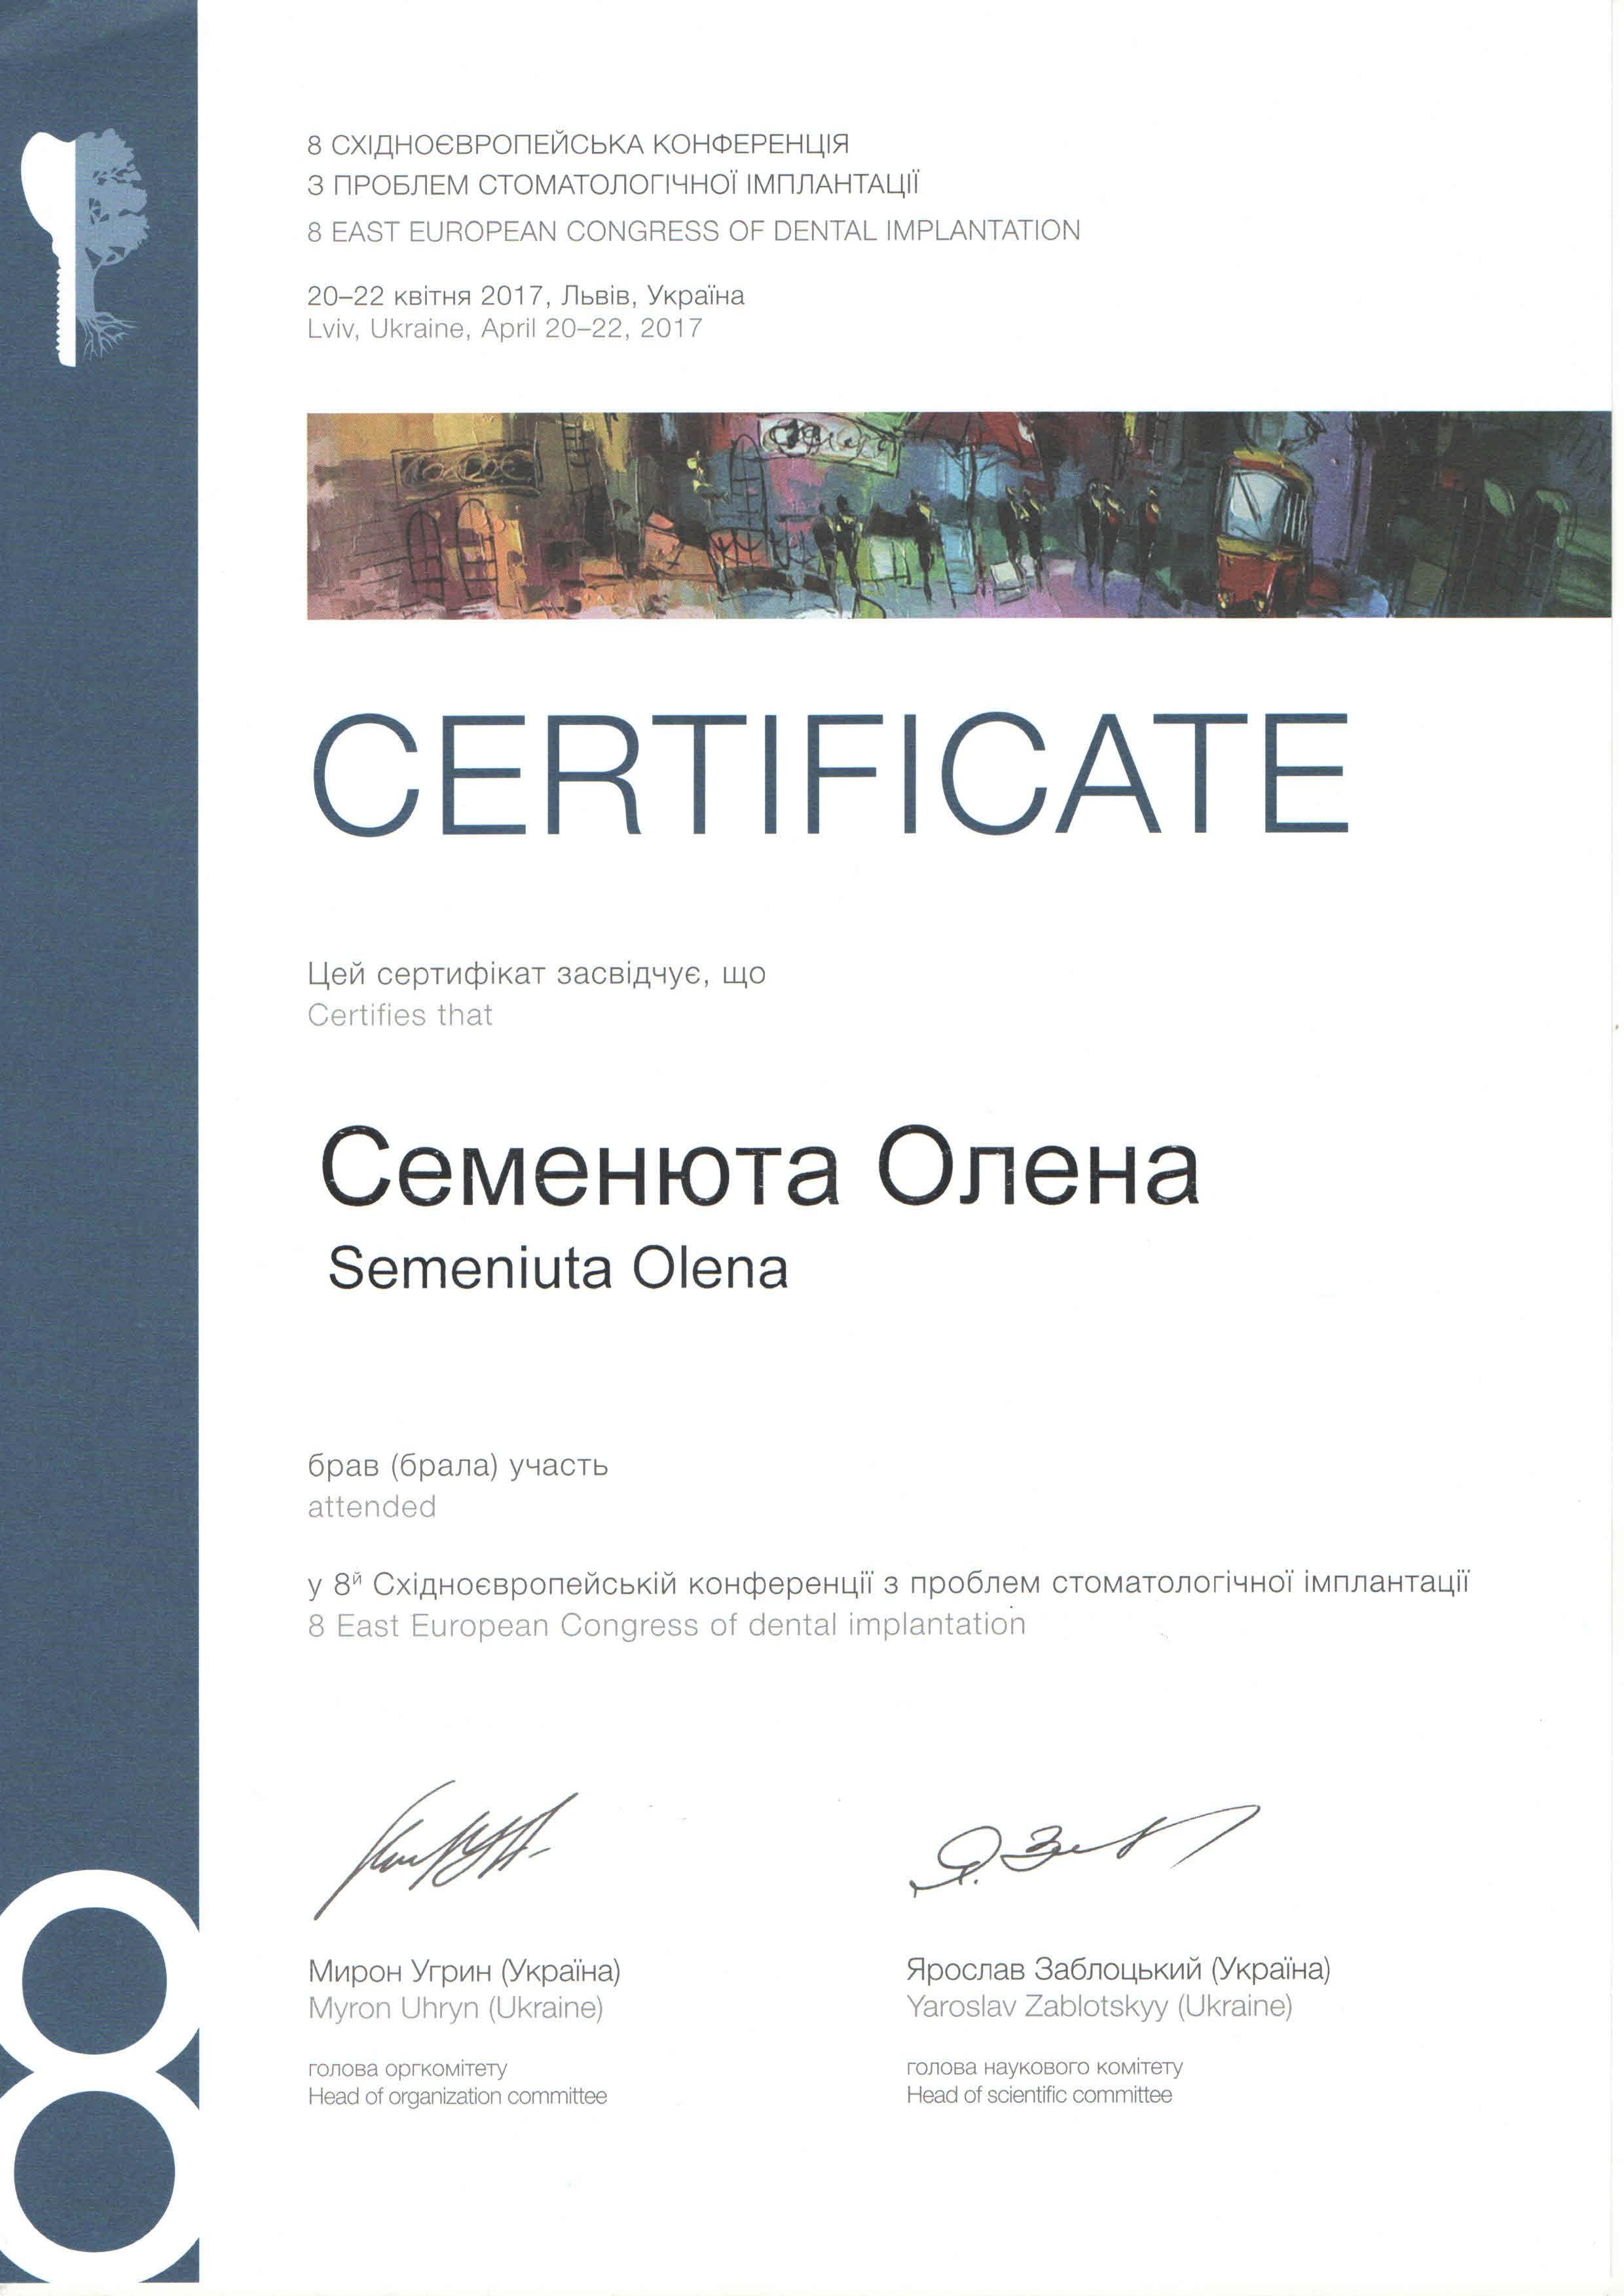 Сертификат стоматолога Семенюты